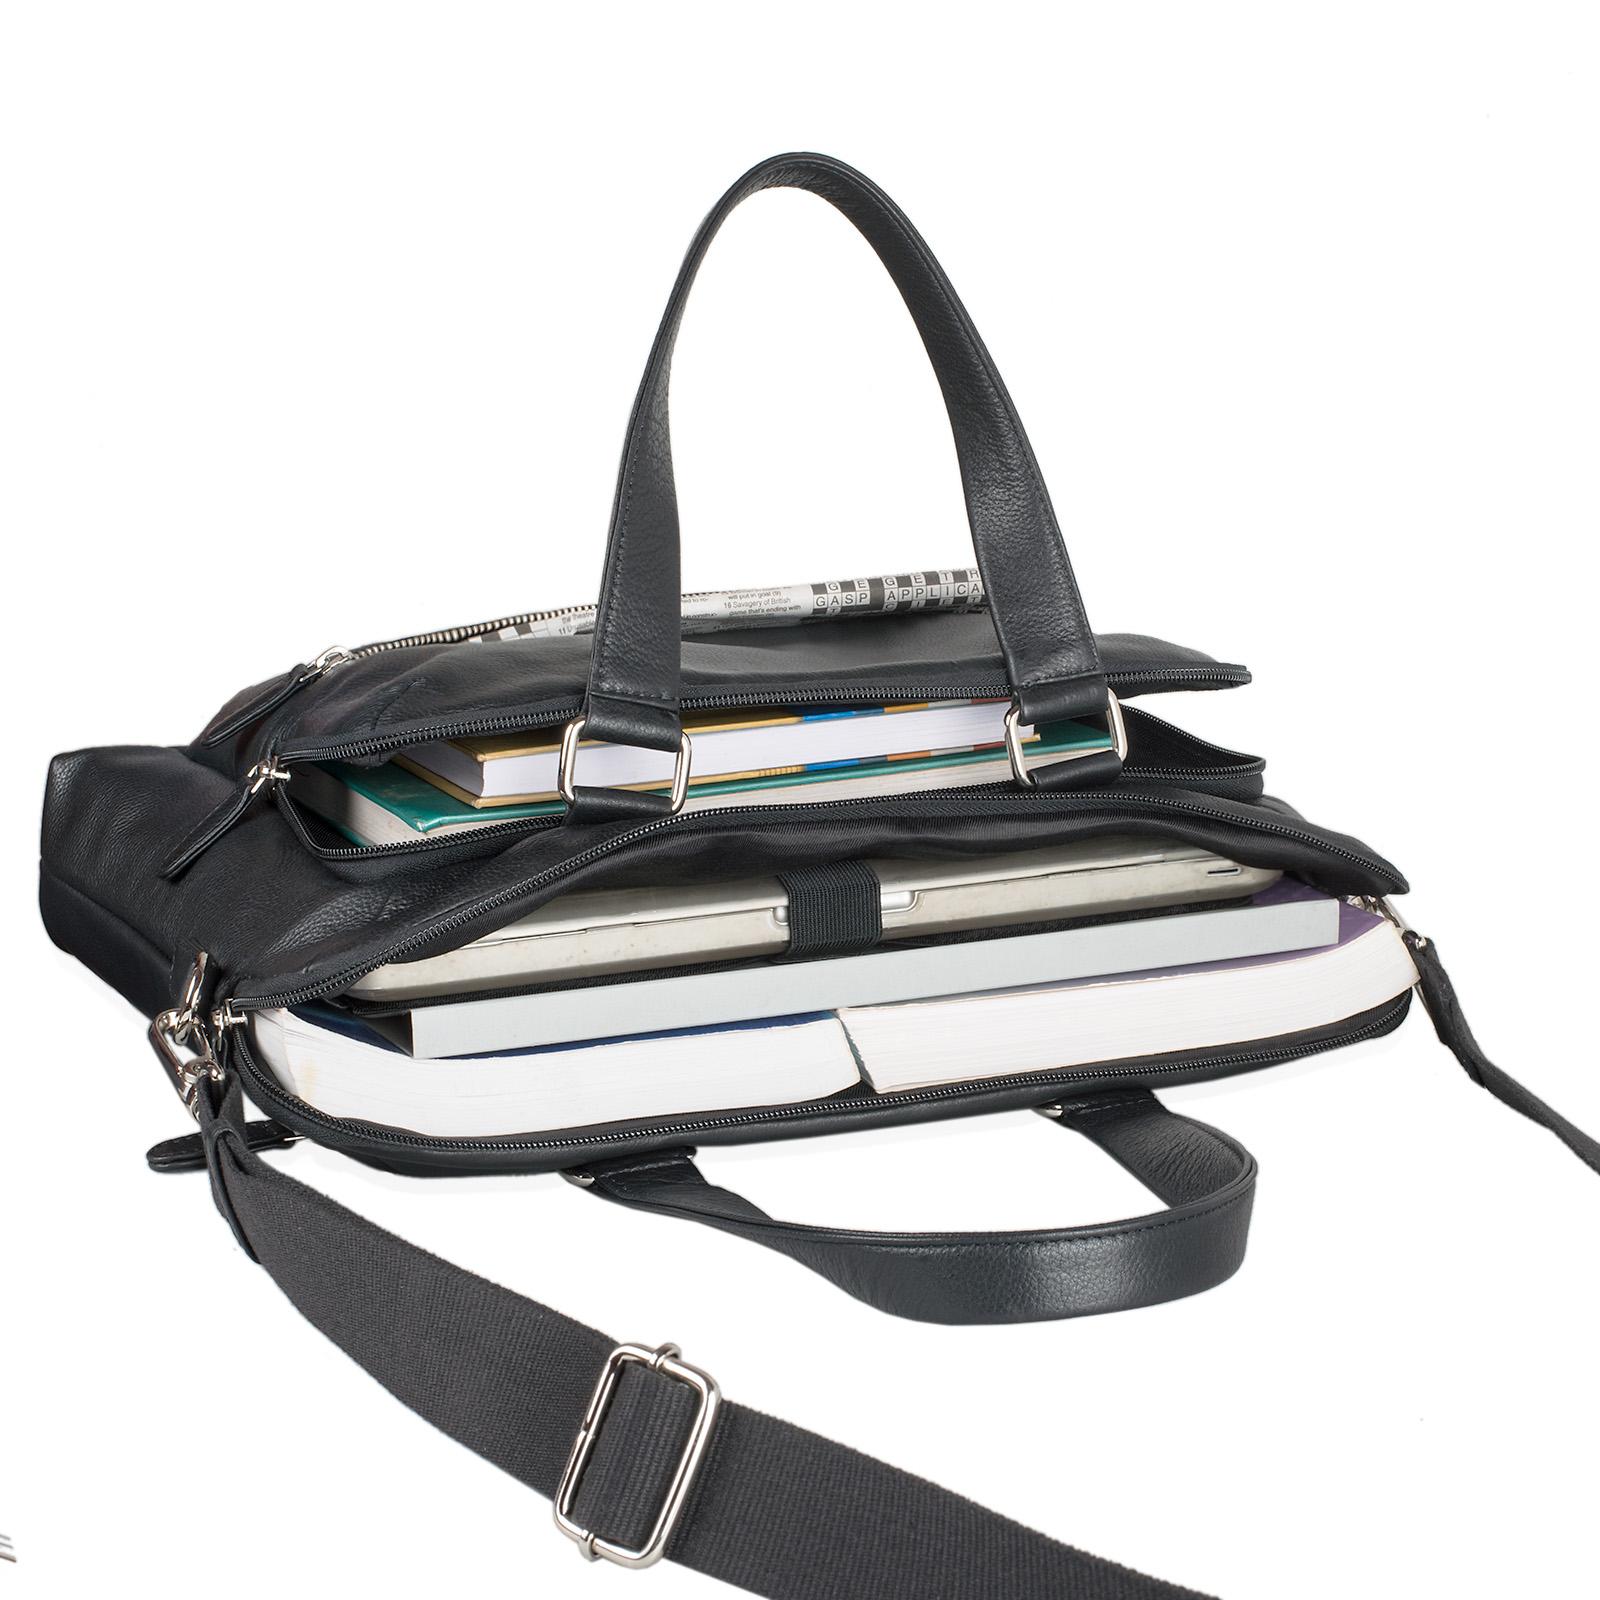 """STILORD """"Lean"""" Umhängetasche Herren Damen Leder groß Handtasche klassische Bürotasche Arbeit Business Unitasche DIN A4 Laptoptasche MacBook 13,3 Zoll echtes Rindsleder - Bild 14"""